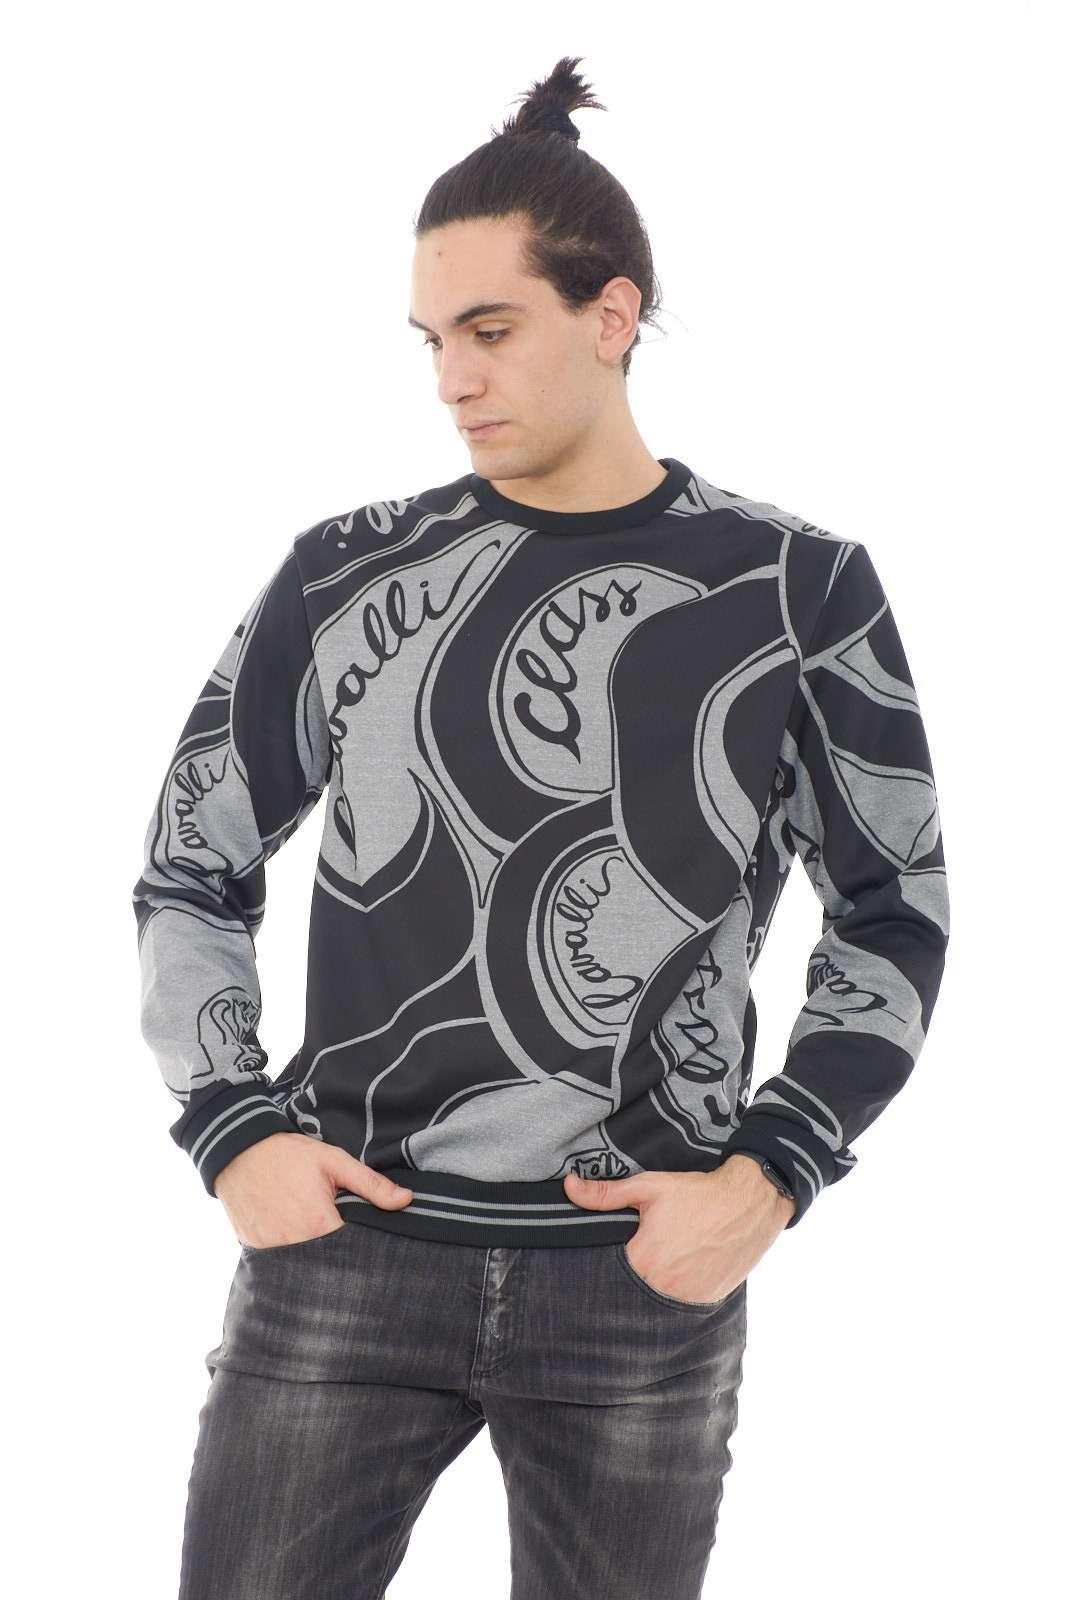 Un'icona la felpa della collezione firmata Roberto Cavalli.  Un capo con stile da indossare nella routine quotidiana.  Da abbinare a un jeans è il must have.